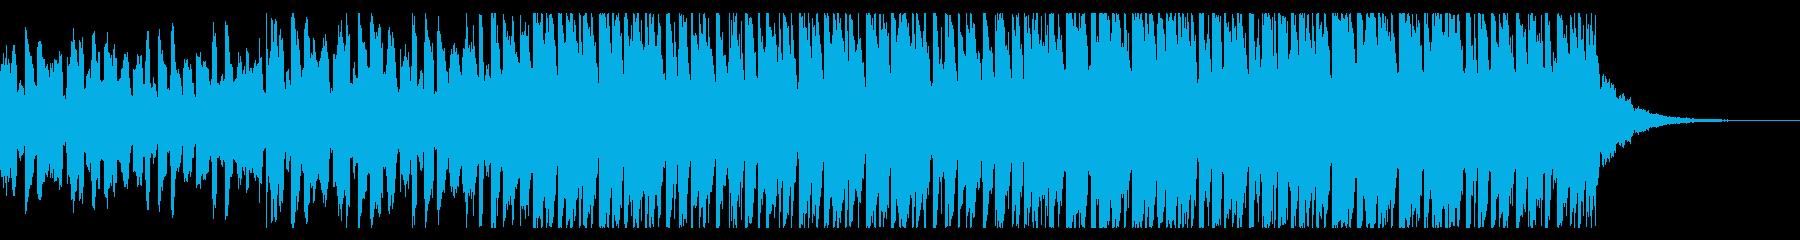 サマートロピカルポップ(60秒)の再生済みの波形